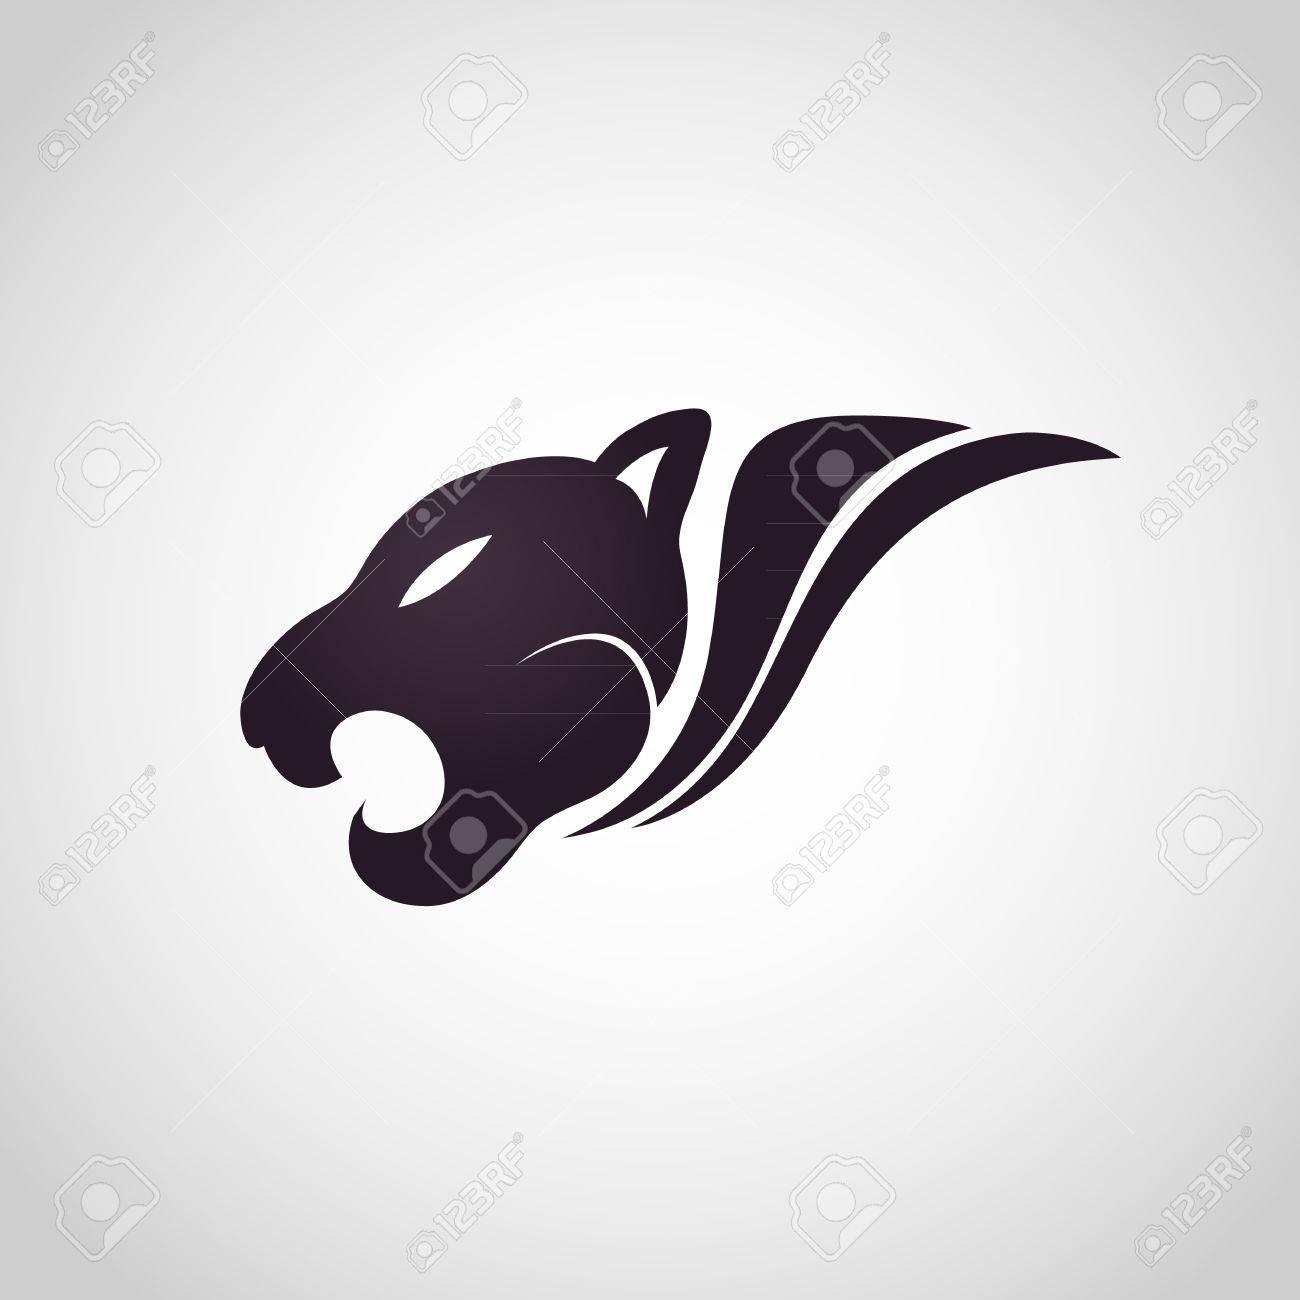 Tiger logo vector - 36105144